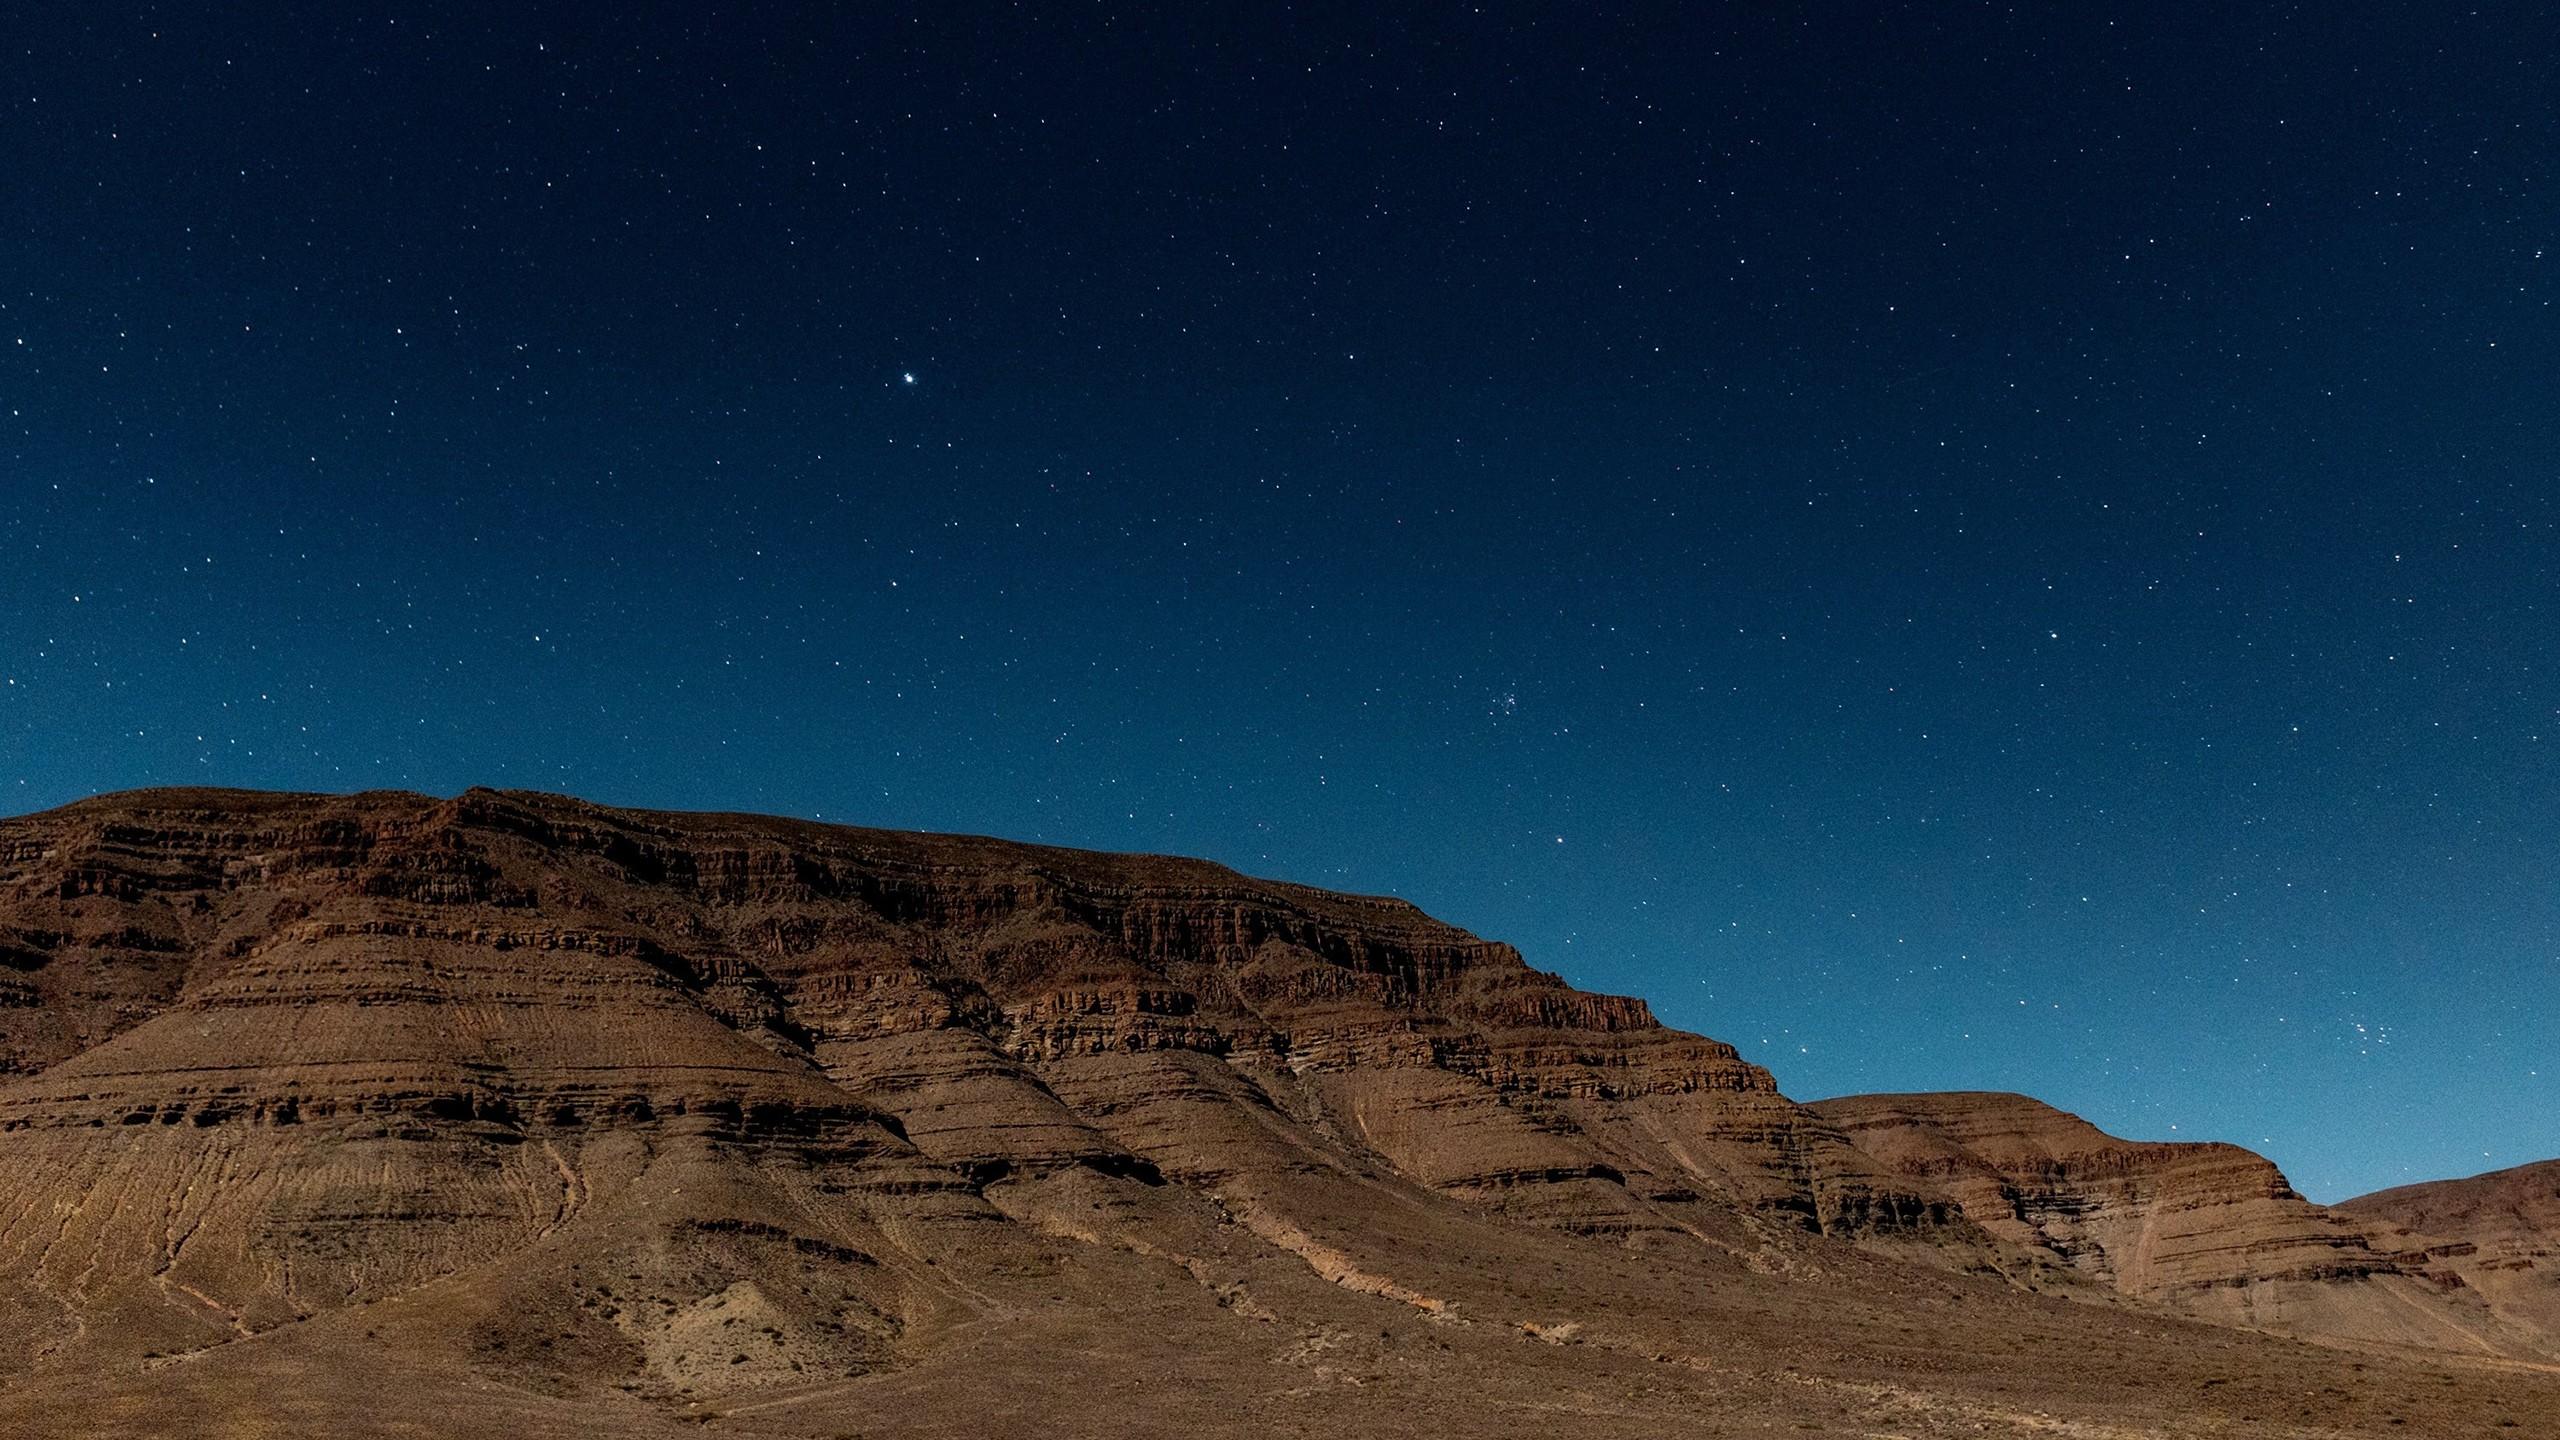 デスクトップ壁紙 風景 岩 スペース 写真 地球 砂漠 地平線 夜空 雰囲気 天文学 高原 形成 雲 星 闇 2560x1440 Px 地質学 宇宙空間 天体 気象現象 ワディ 悪徳 エオリア地形 エコリージョン 2560x1440 75